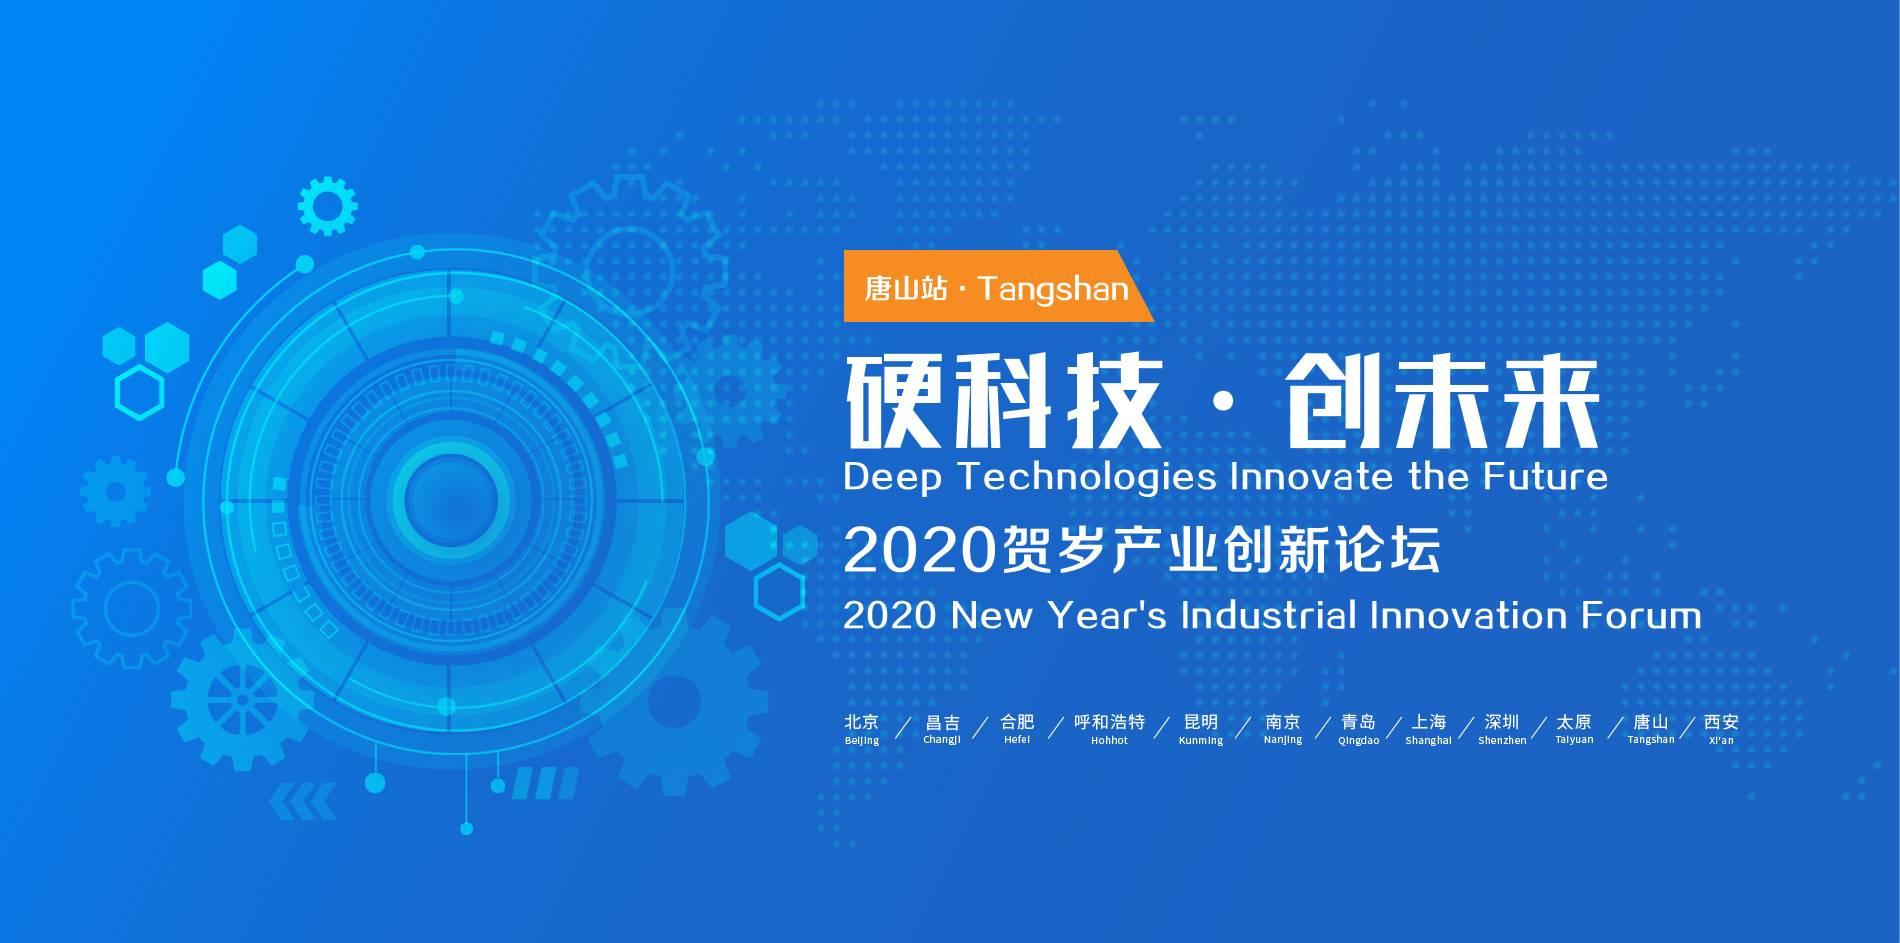 【活动】硬科技·创未来--2020贺岁产业创新论坛·唐山站-亿欧